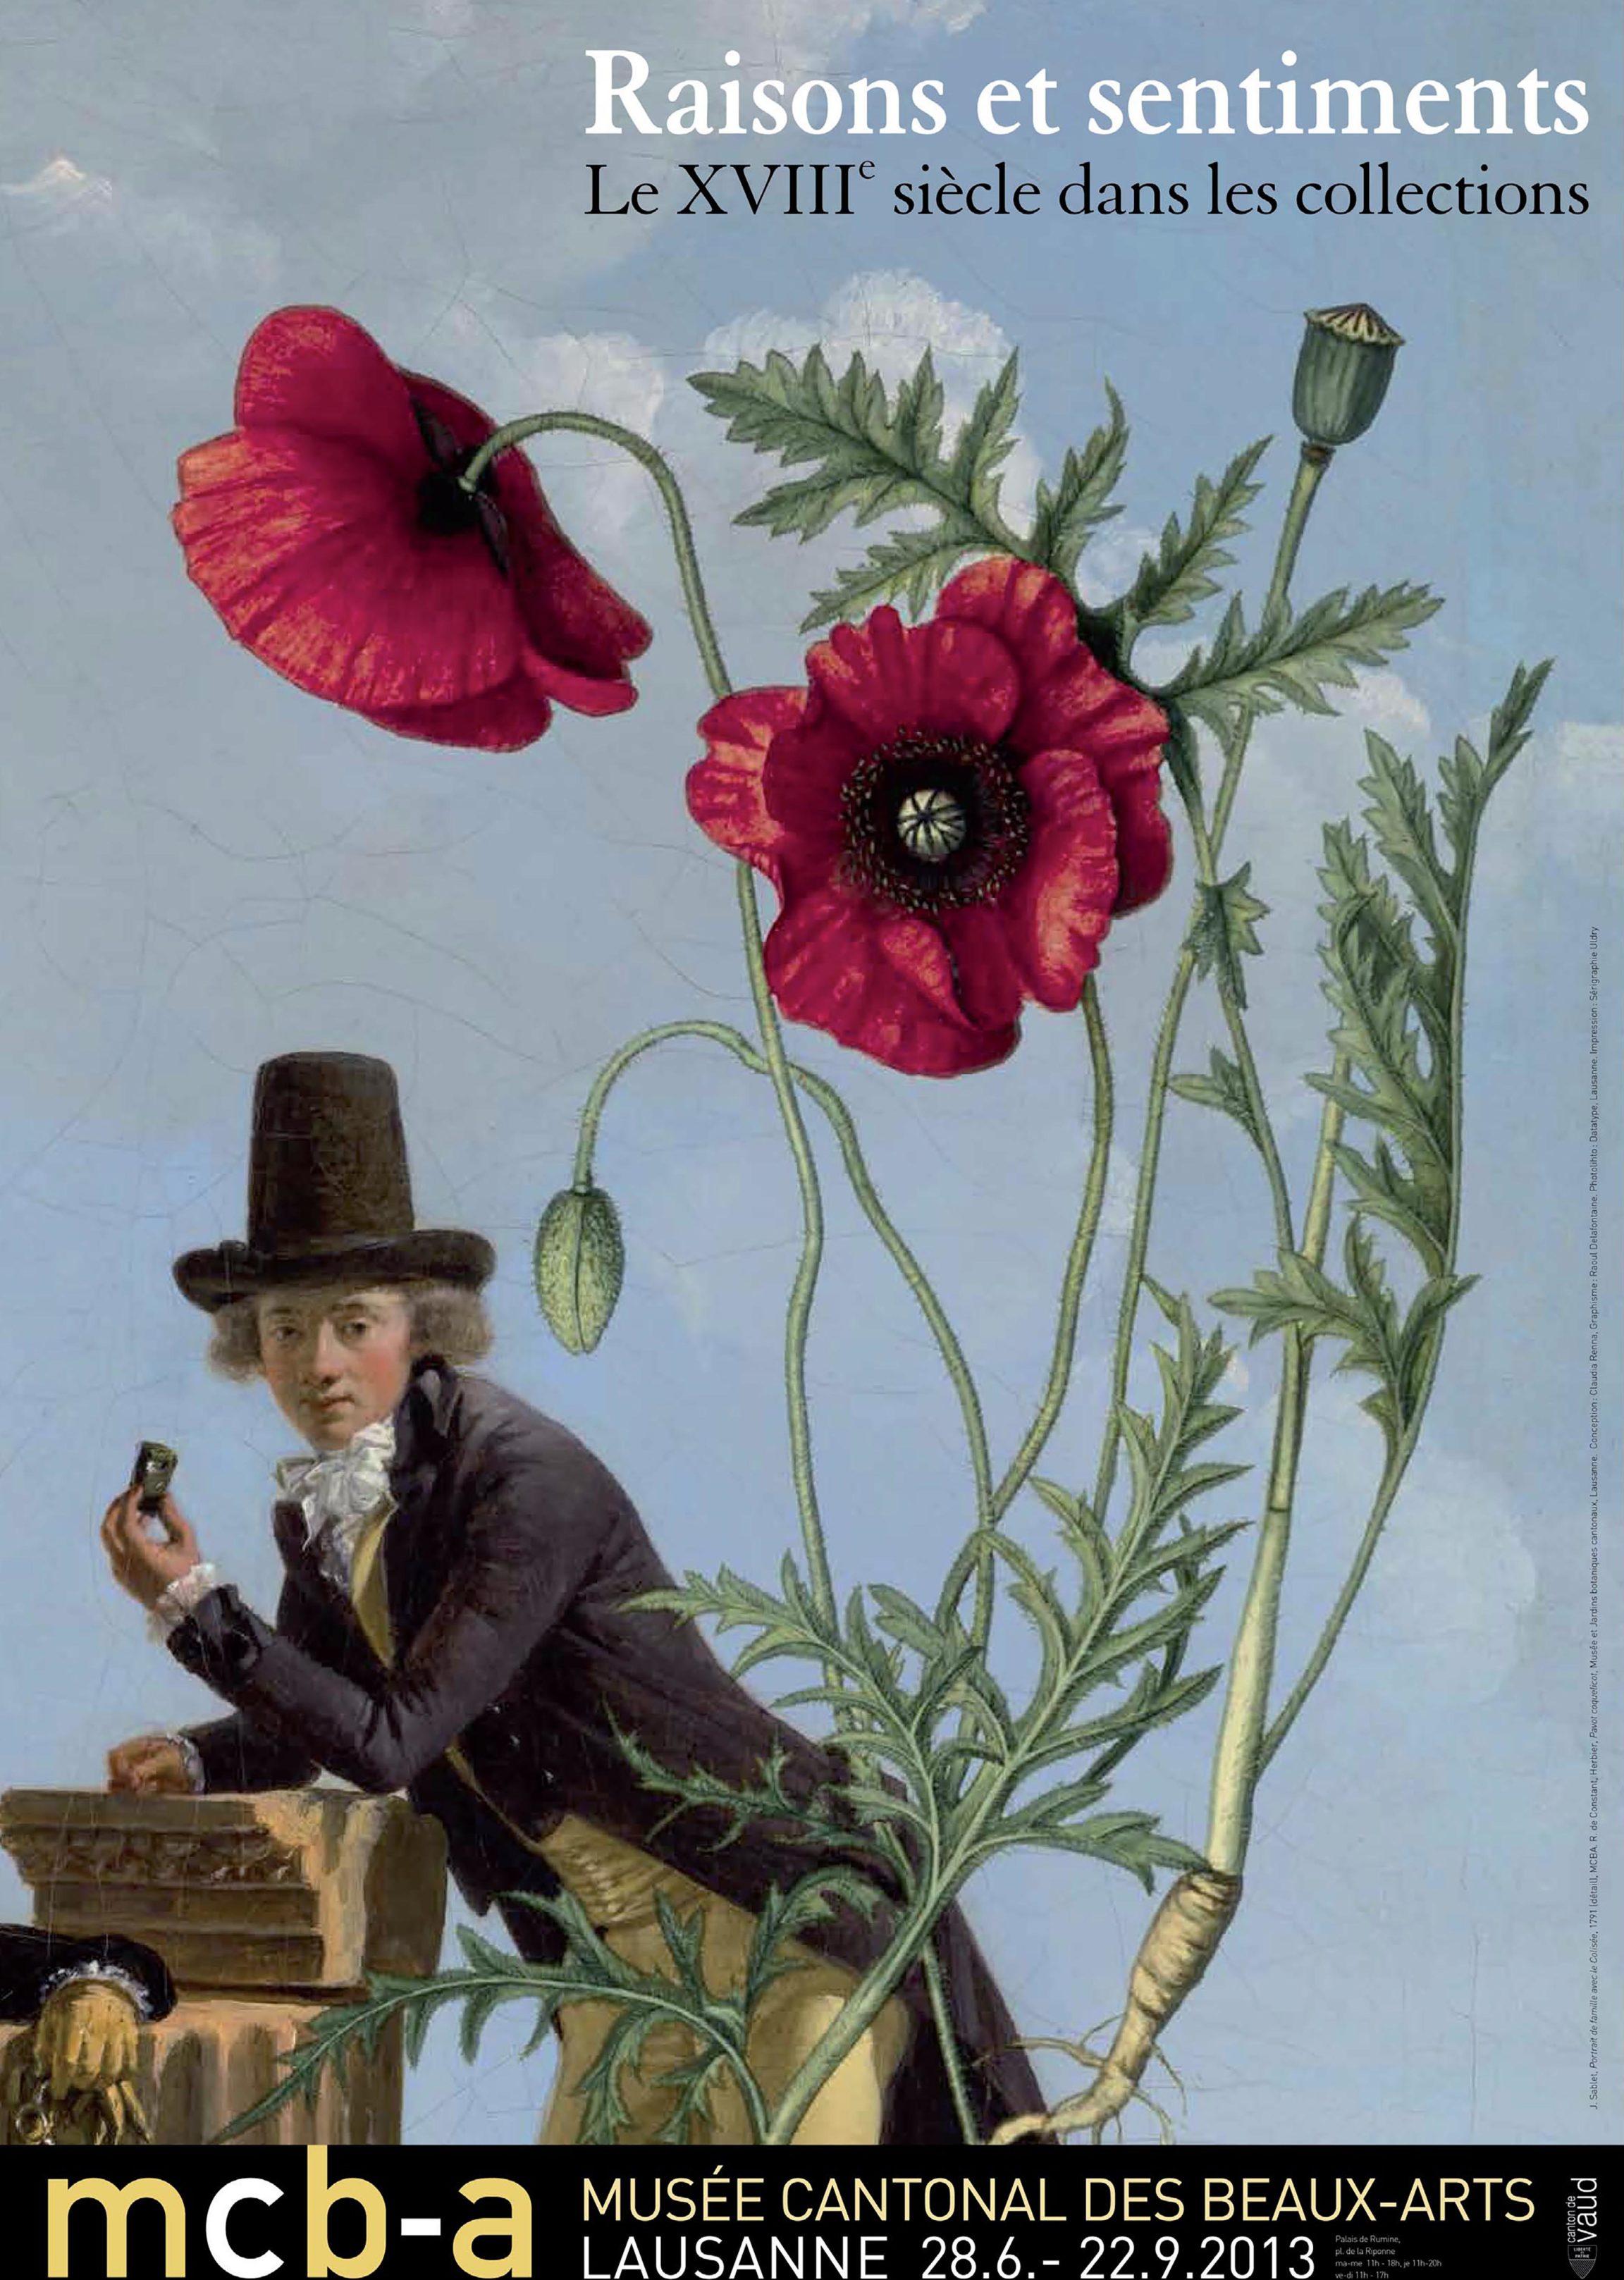 Raisons et sentiments<br> Le XVIIIe siècle dans les collections du Musée